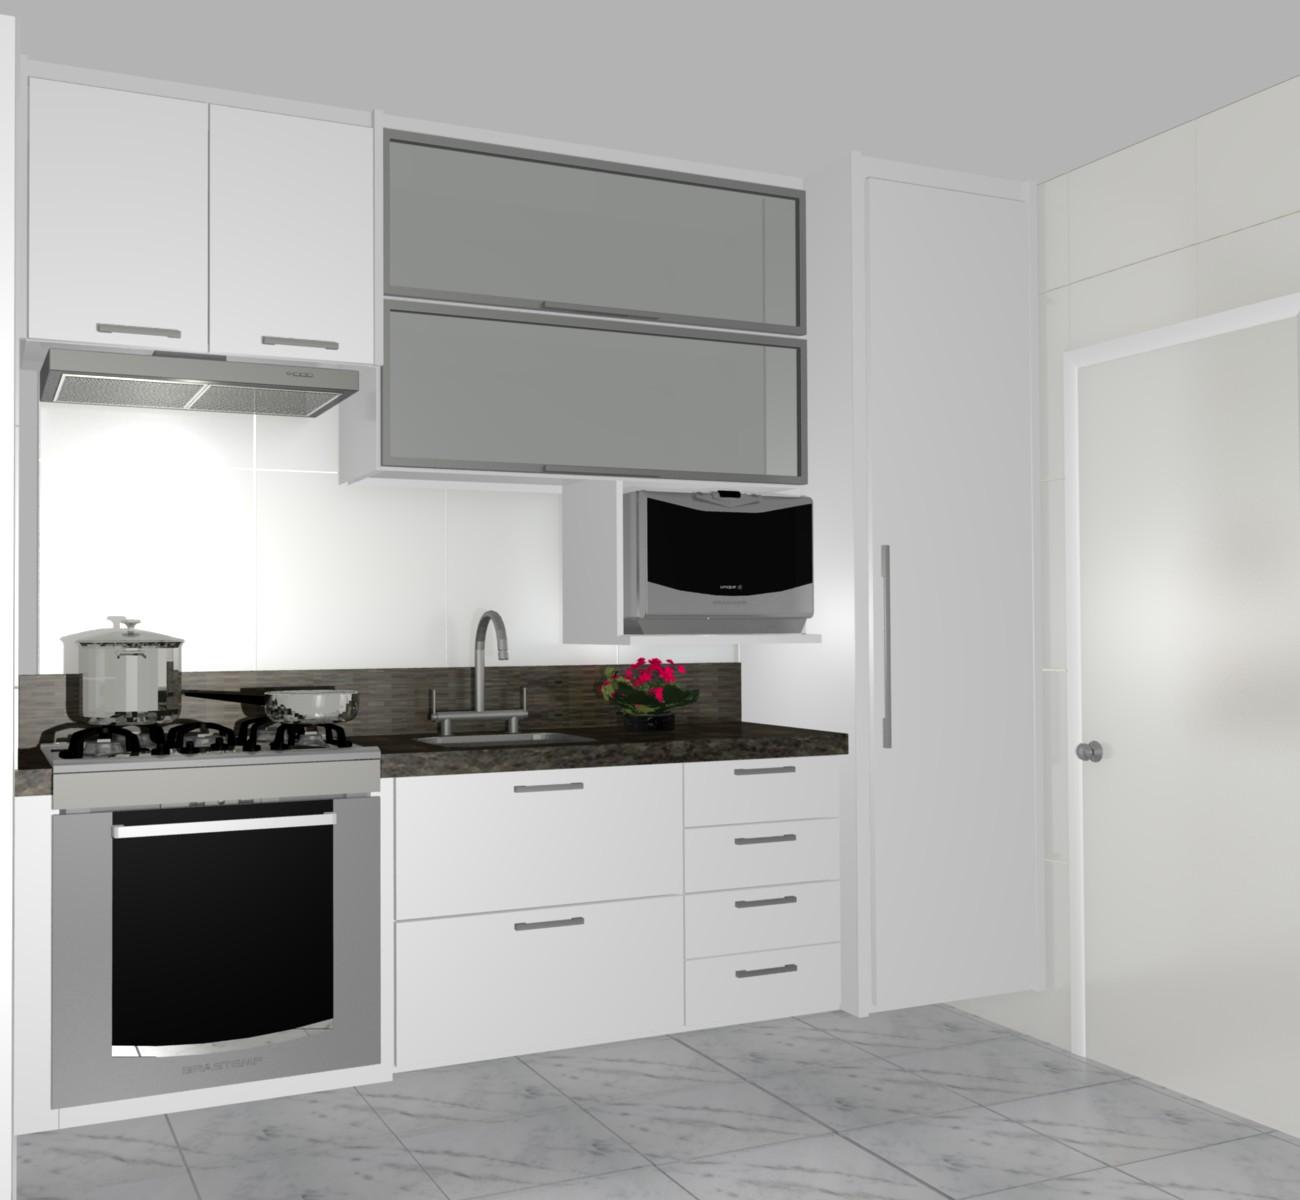 Modelo De Cozinhas Simples Decorao De Cozinhas Simples Torres De